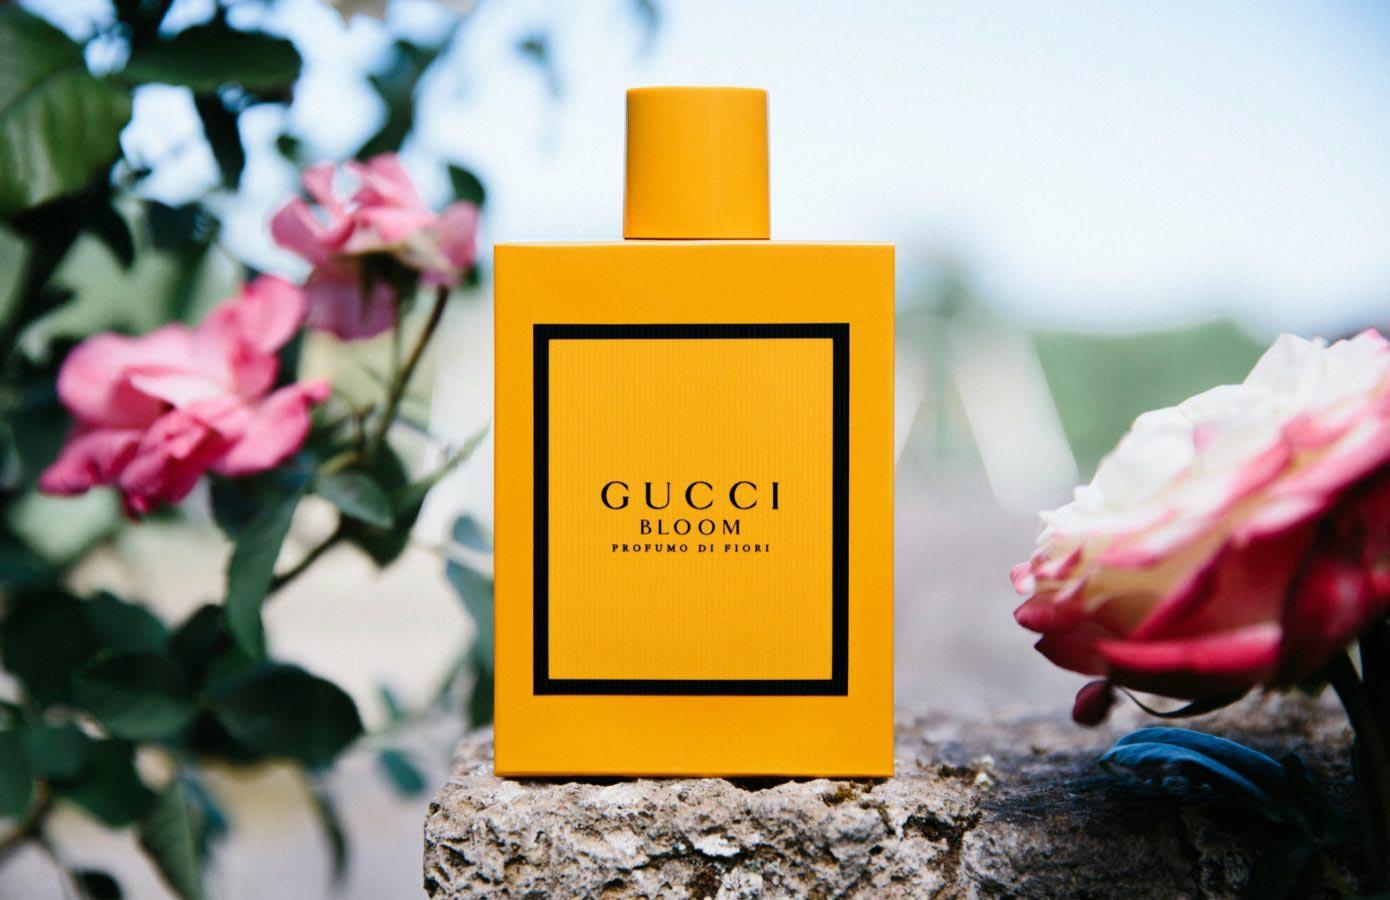 6 chai nước hoa hương hoa cỏ mới cho 2021: Gucci Bloom Profumo di Fiori